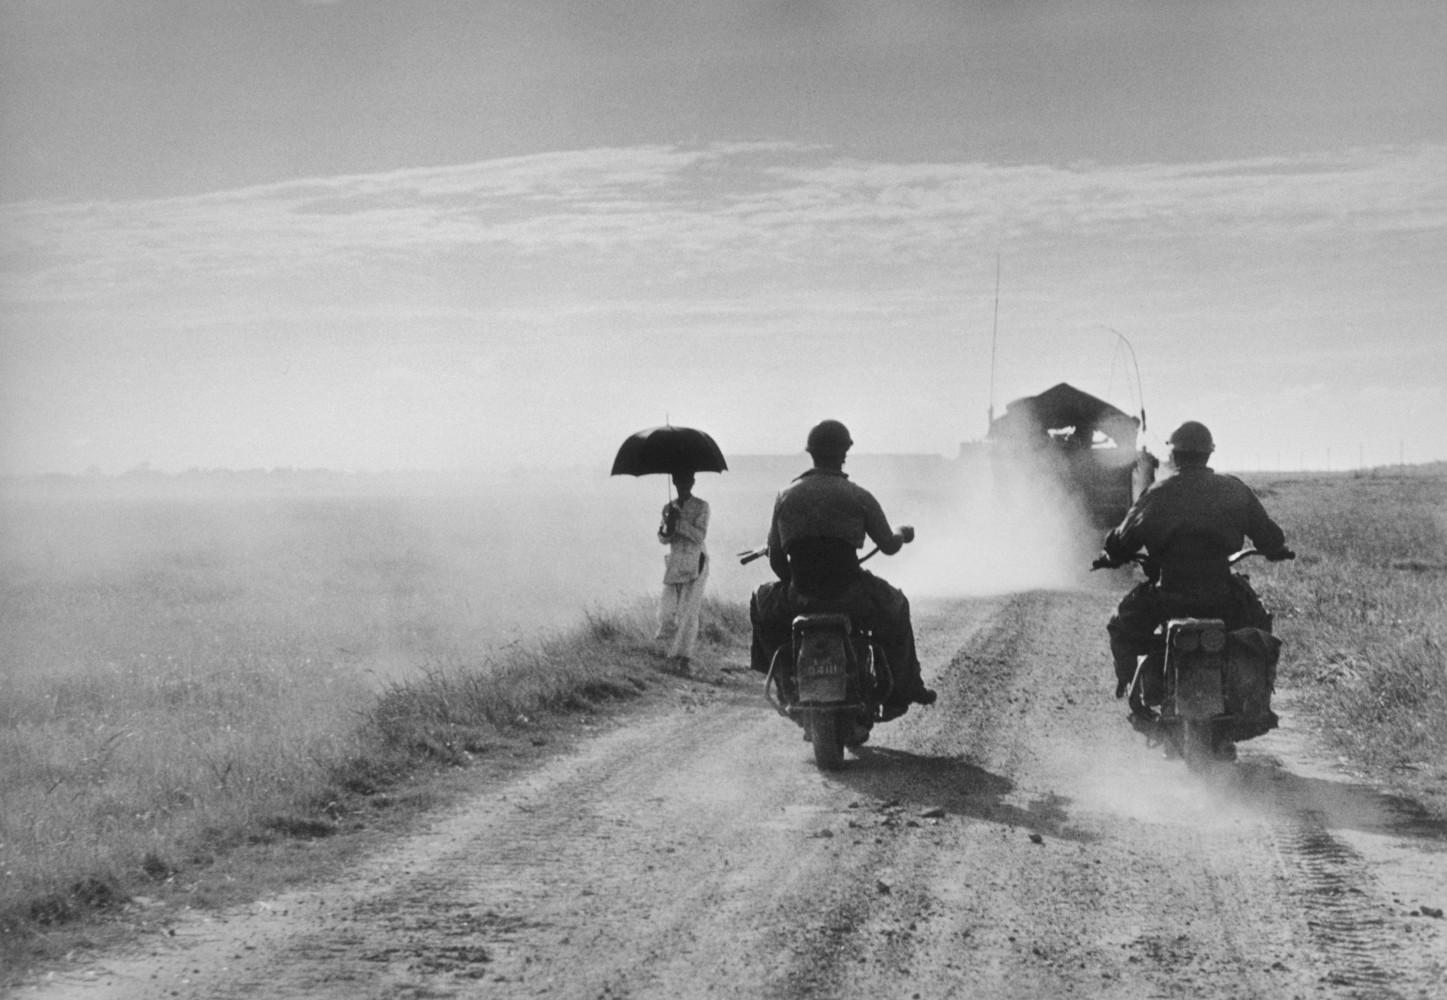 Robert Capa Retrospective Opens in Monza • Robert Capa